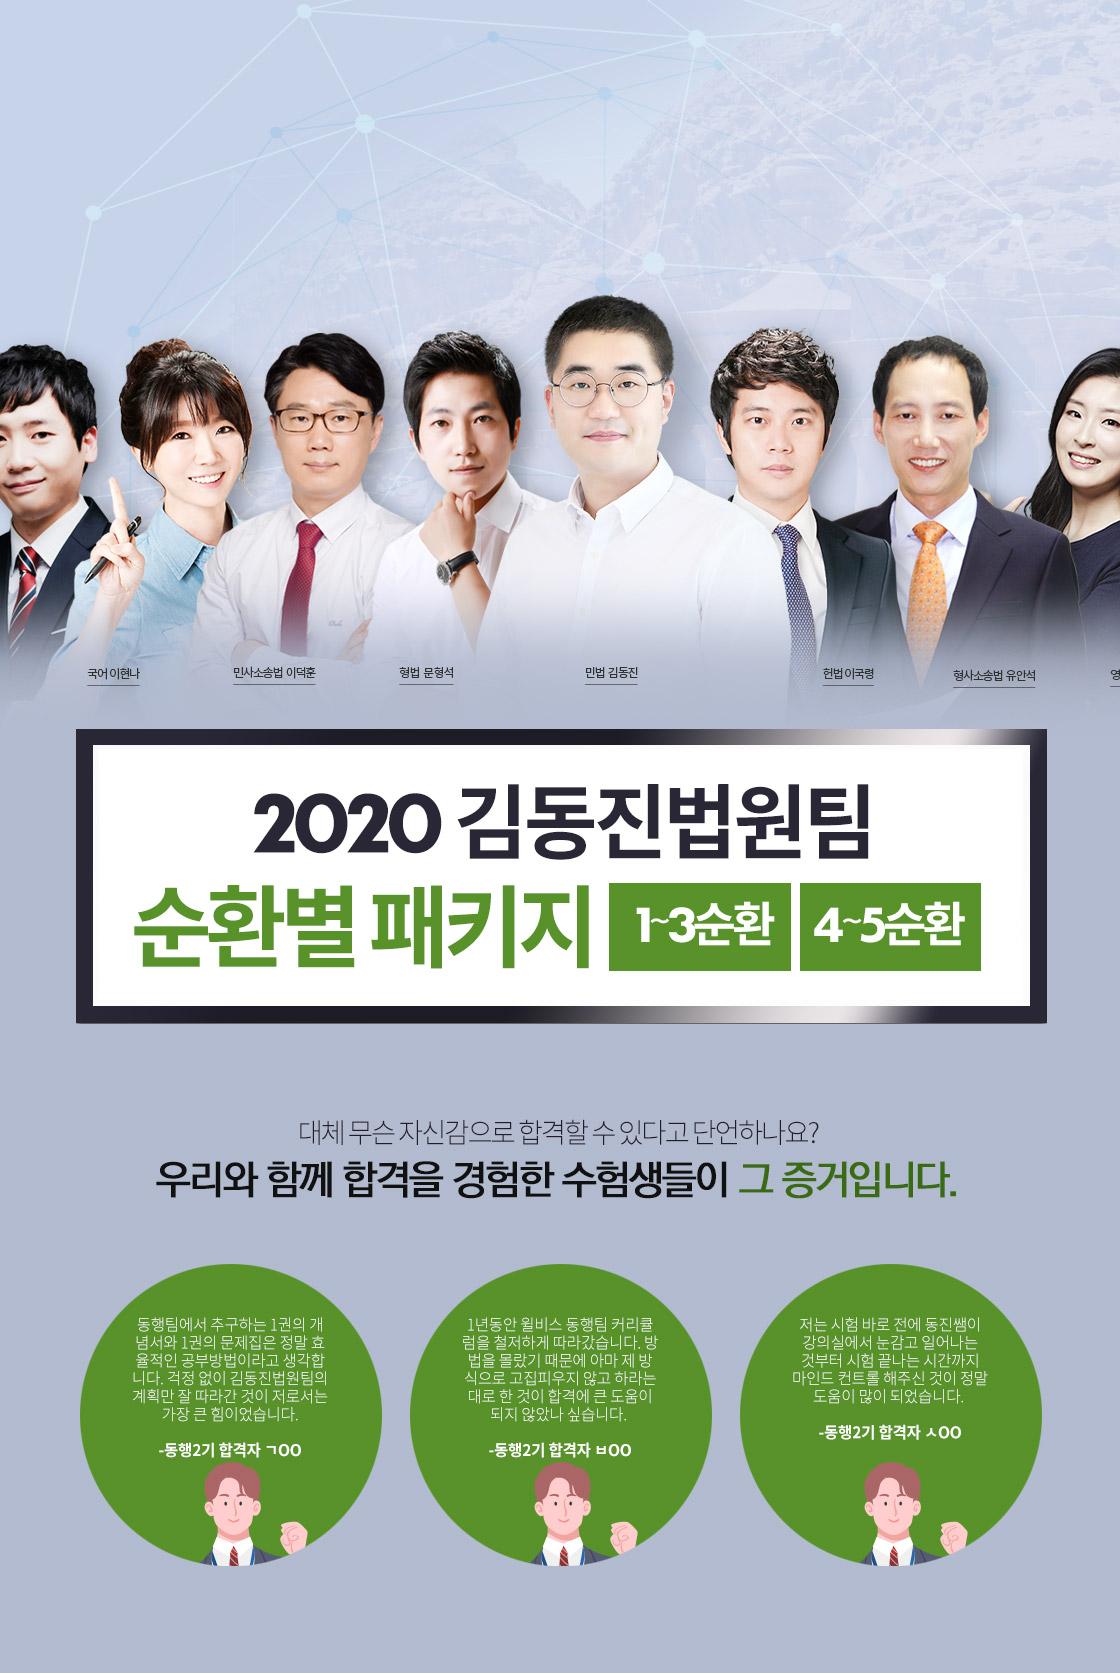 김동진 법원팀 순환별 패키지